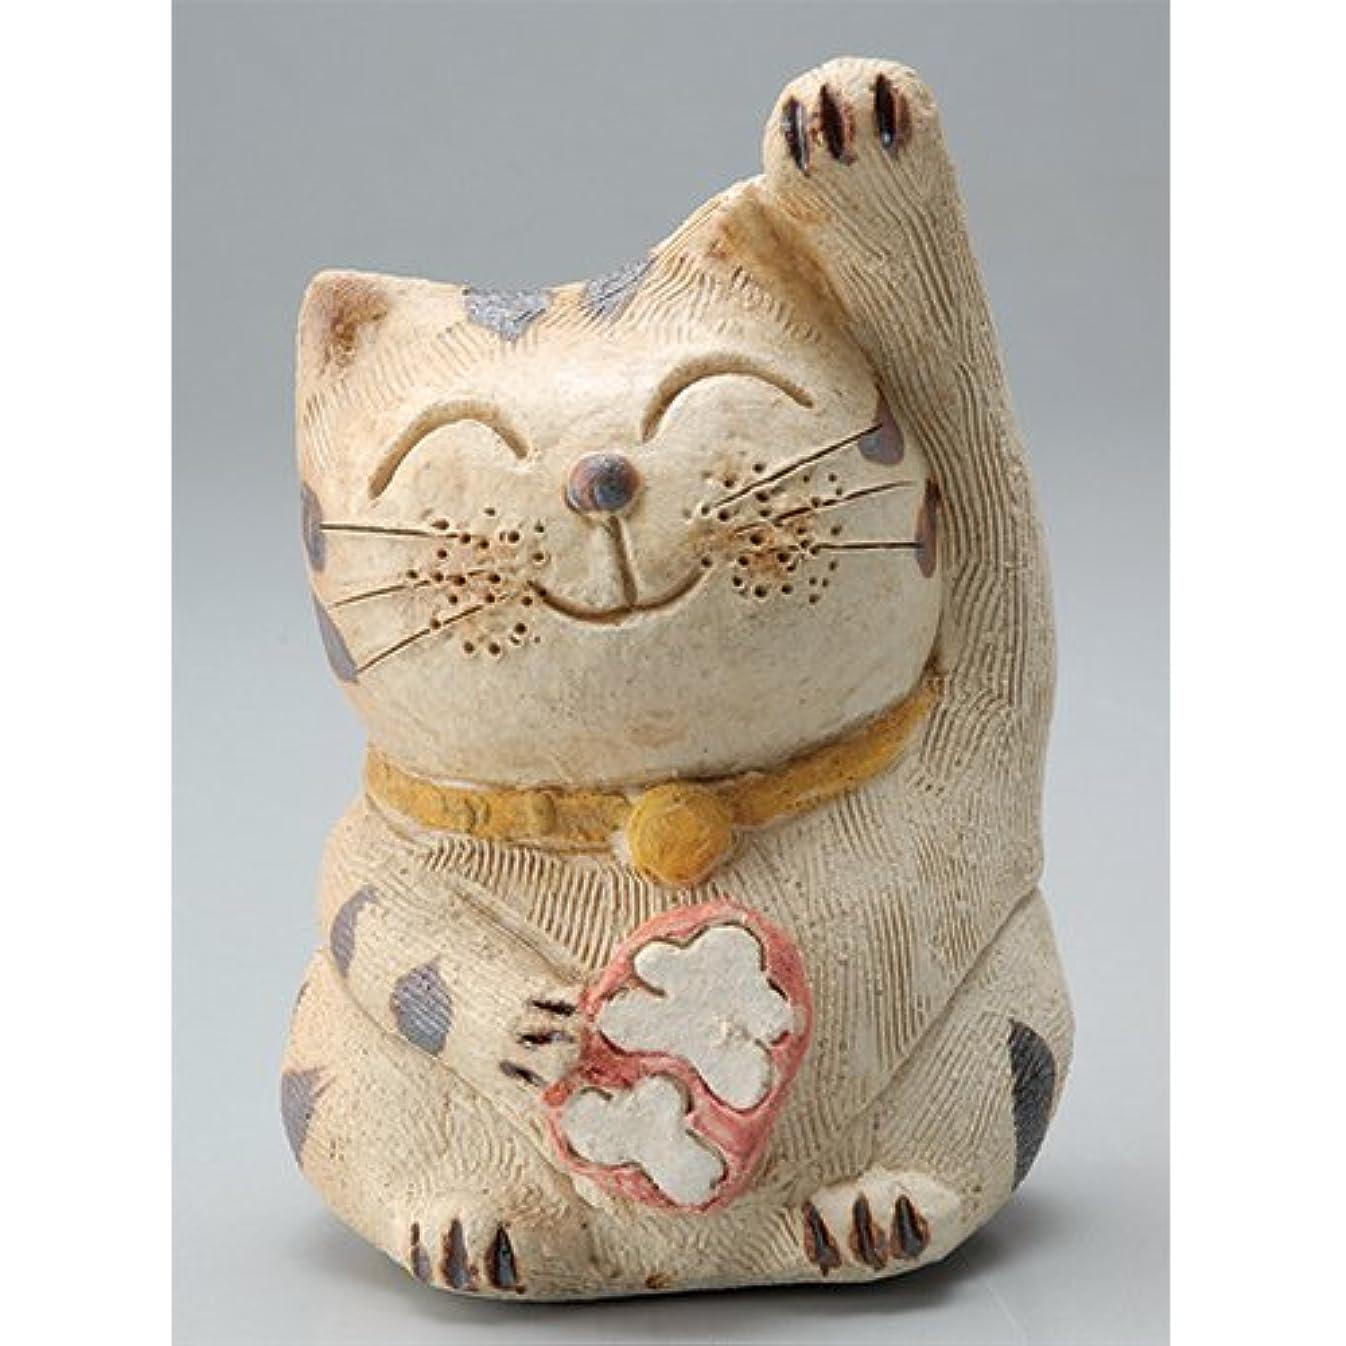 清める国草香炉 微笑み招き猫(人招き)香炉(中) [H14cm] HANDMADE プレゼント ギフト 和食器 かわいい インテリア